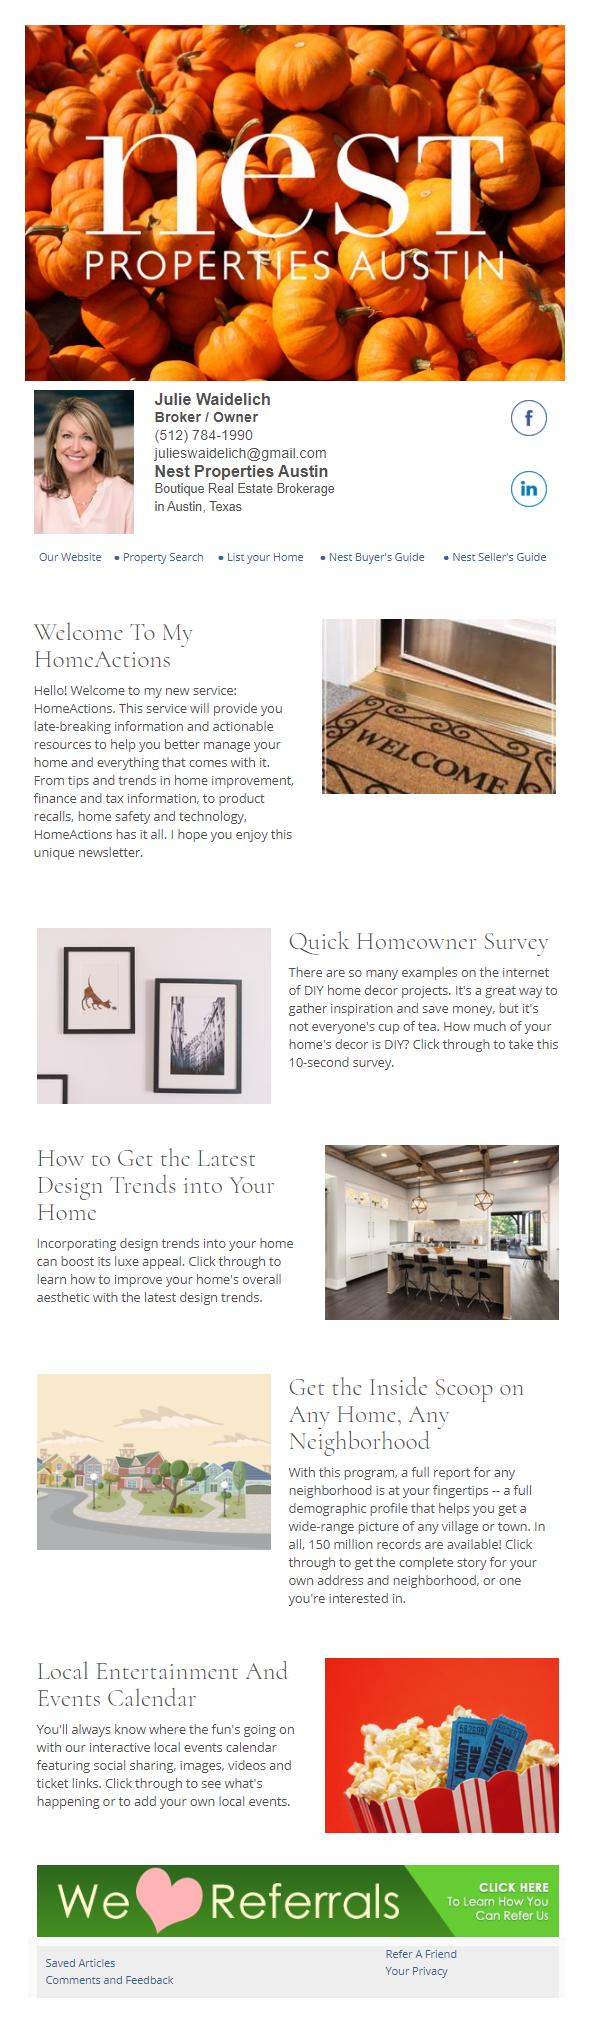 Nest Properties Austin - HomeActions Sample Email Newsletter